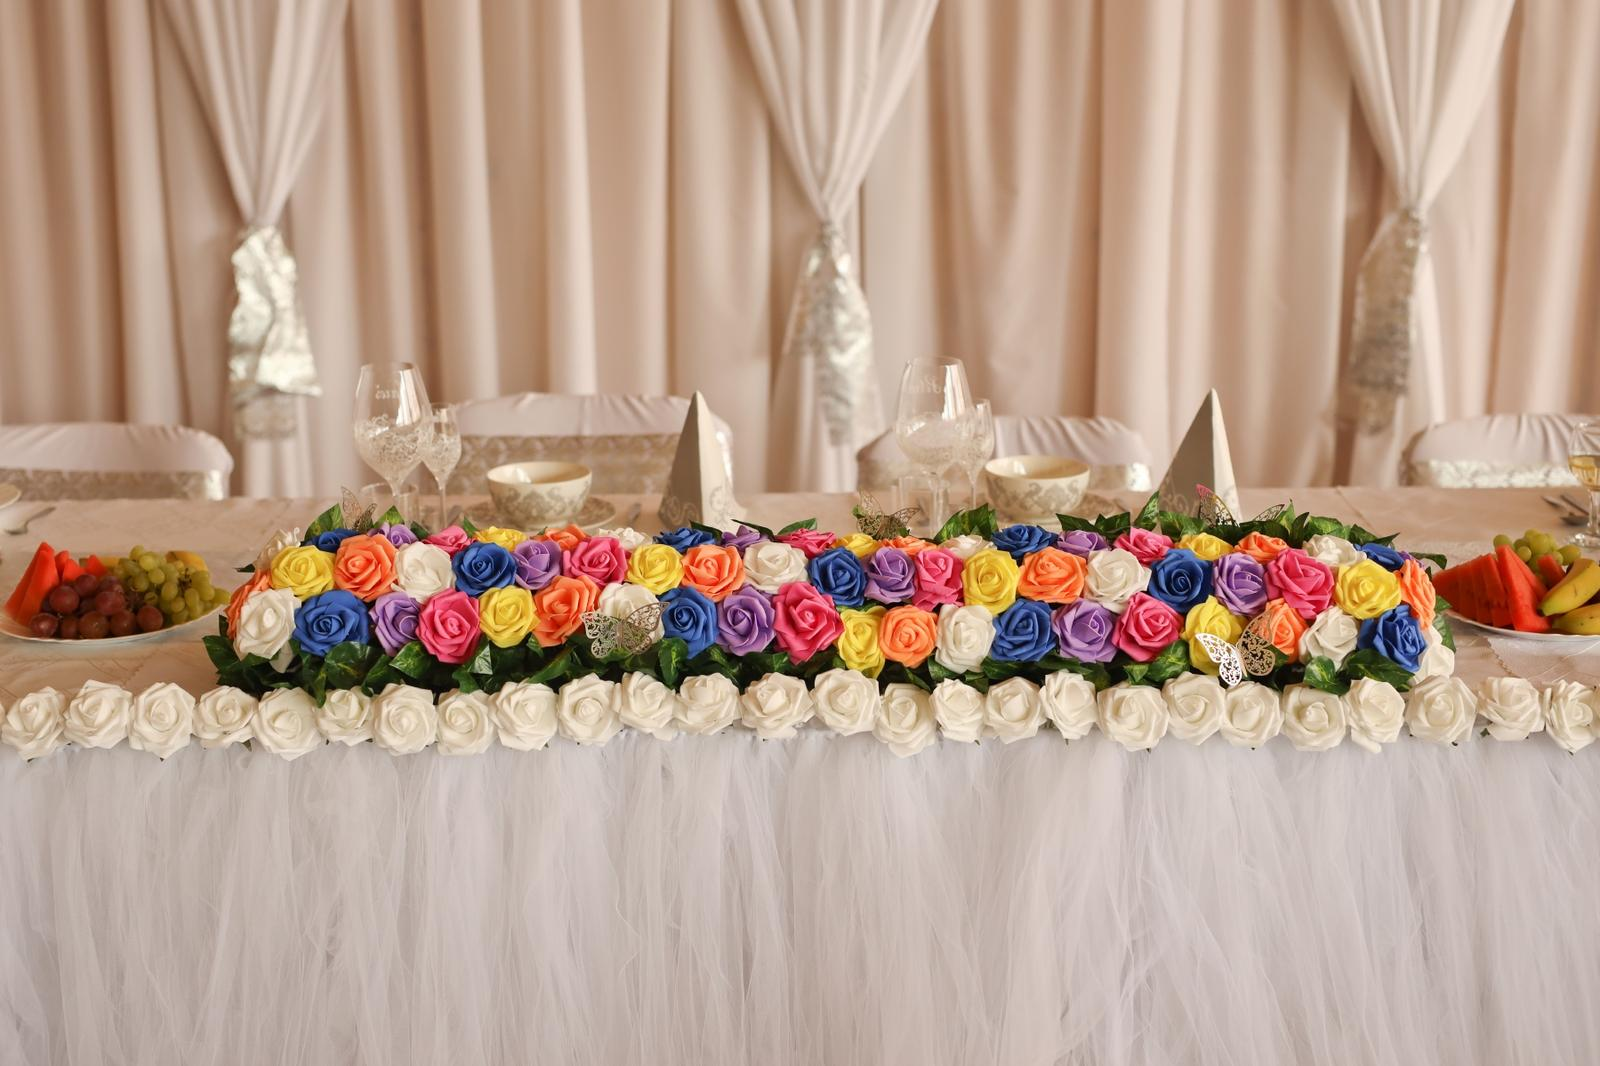 Svadobná výzdoba, ikebana, kvety na stôl, kytica, vence, 3D srdce - Obrázok č. 1